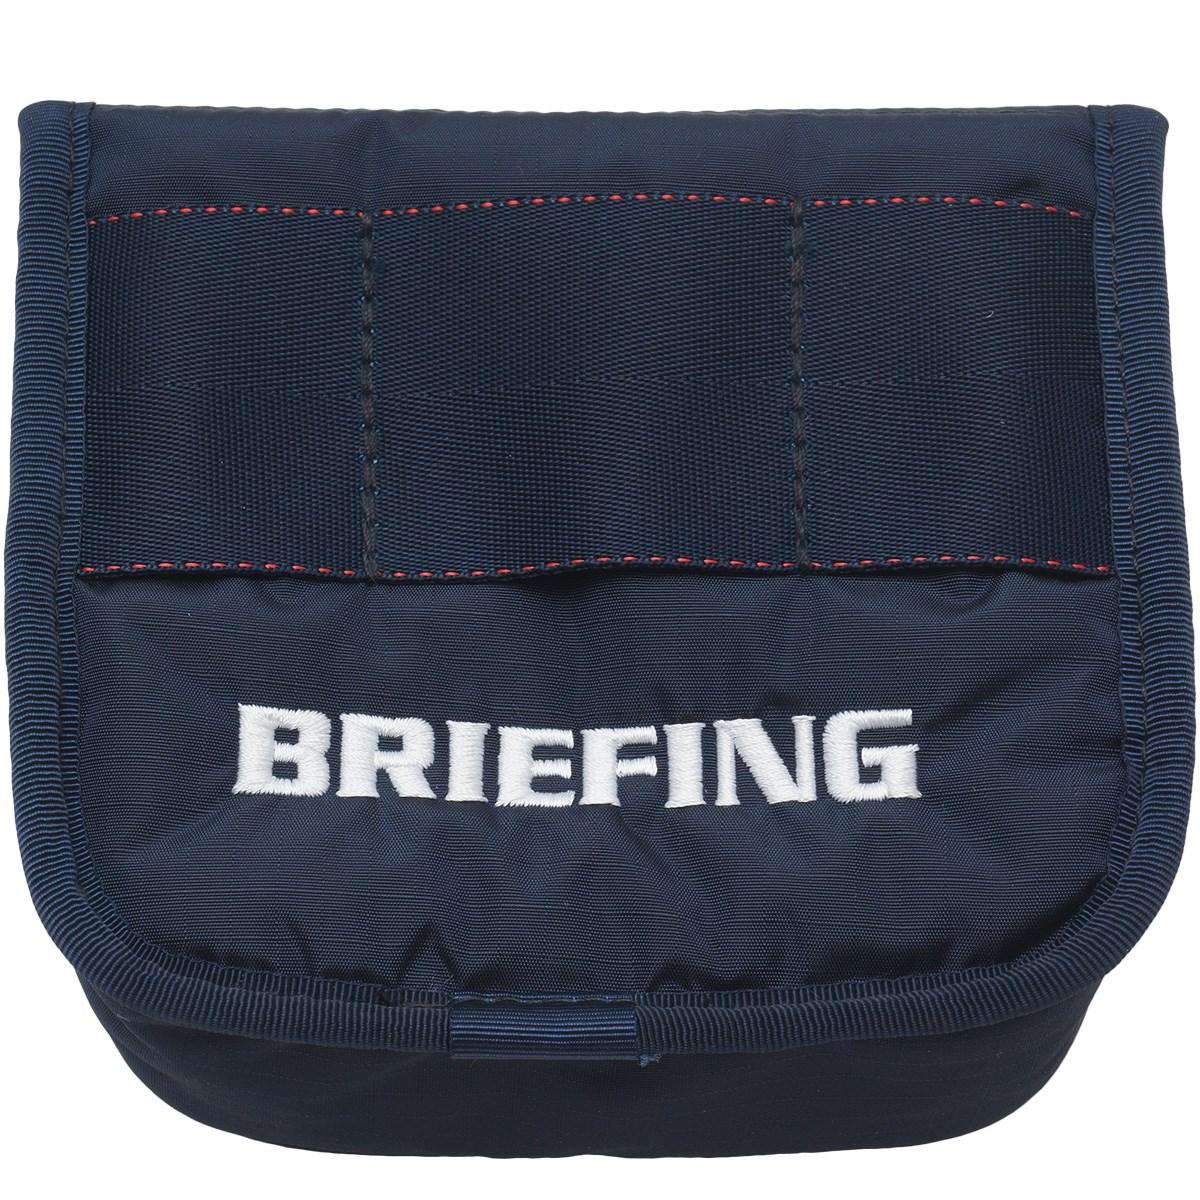 ブリーフィング BRIEFING パターカバー ネイビー